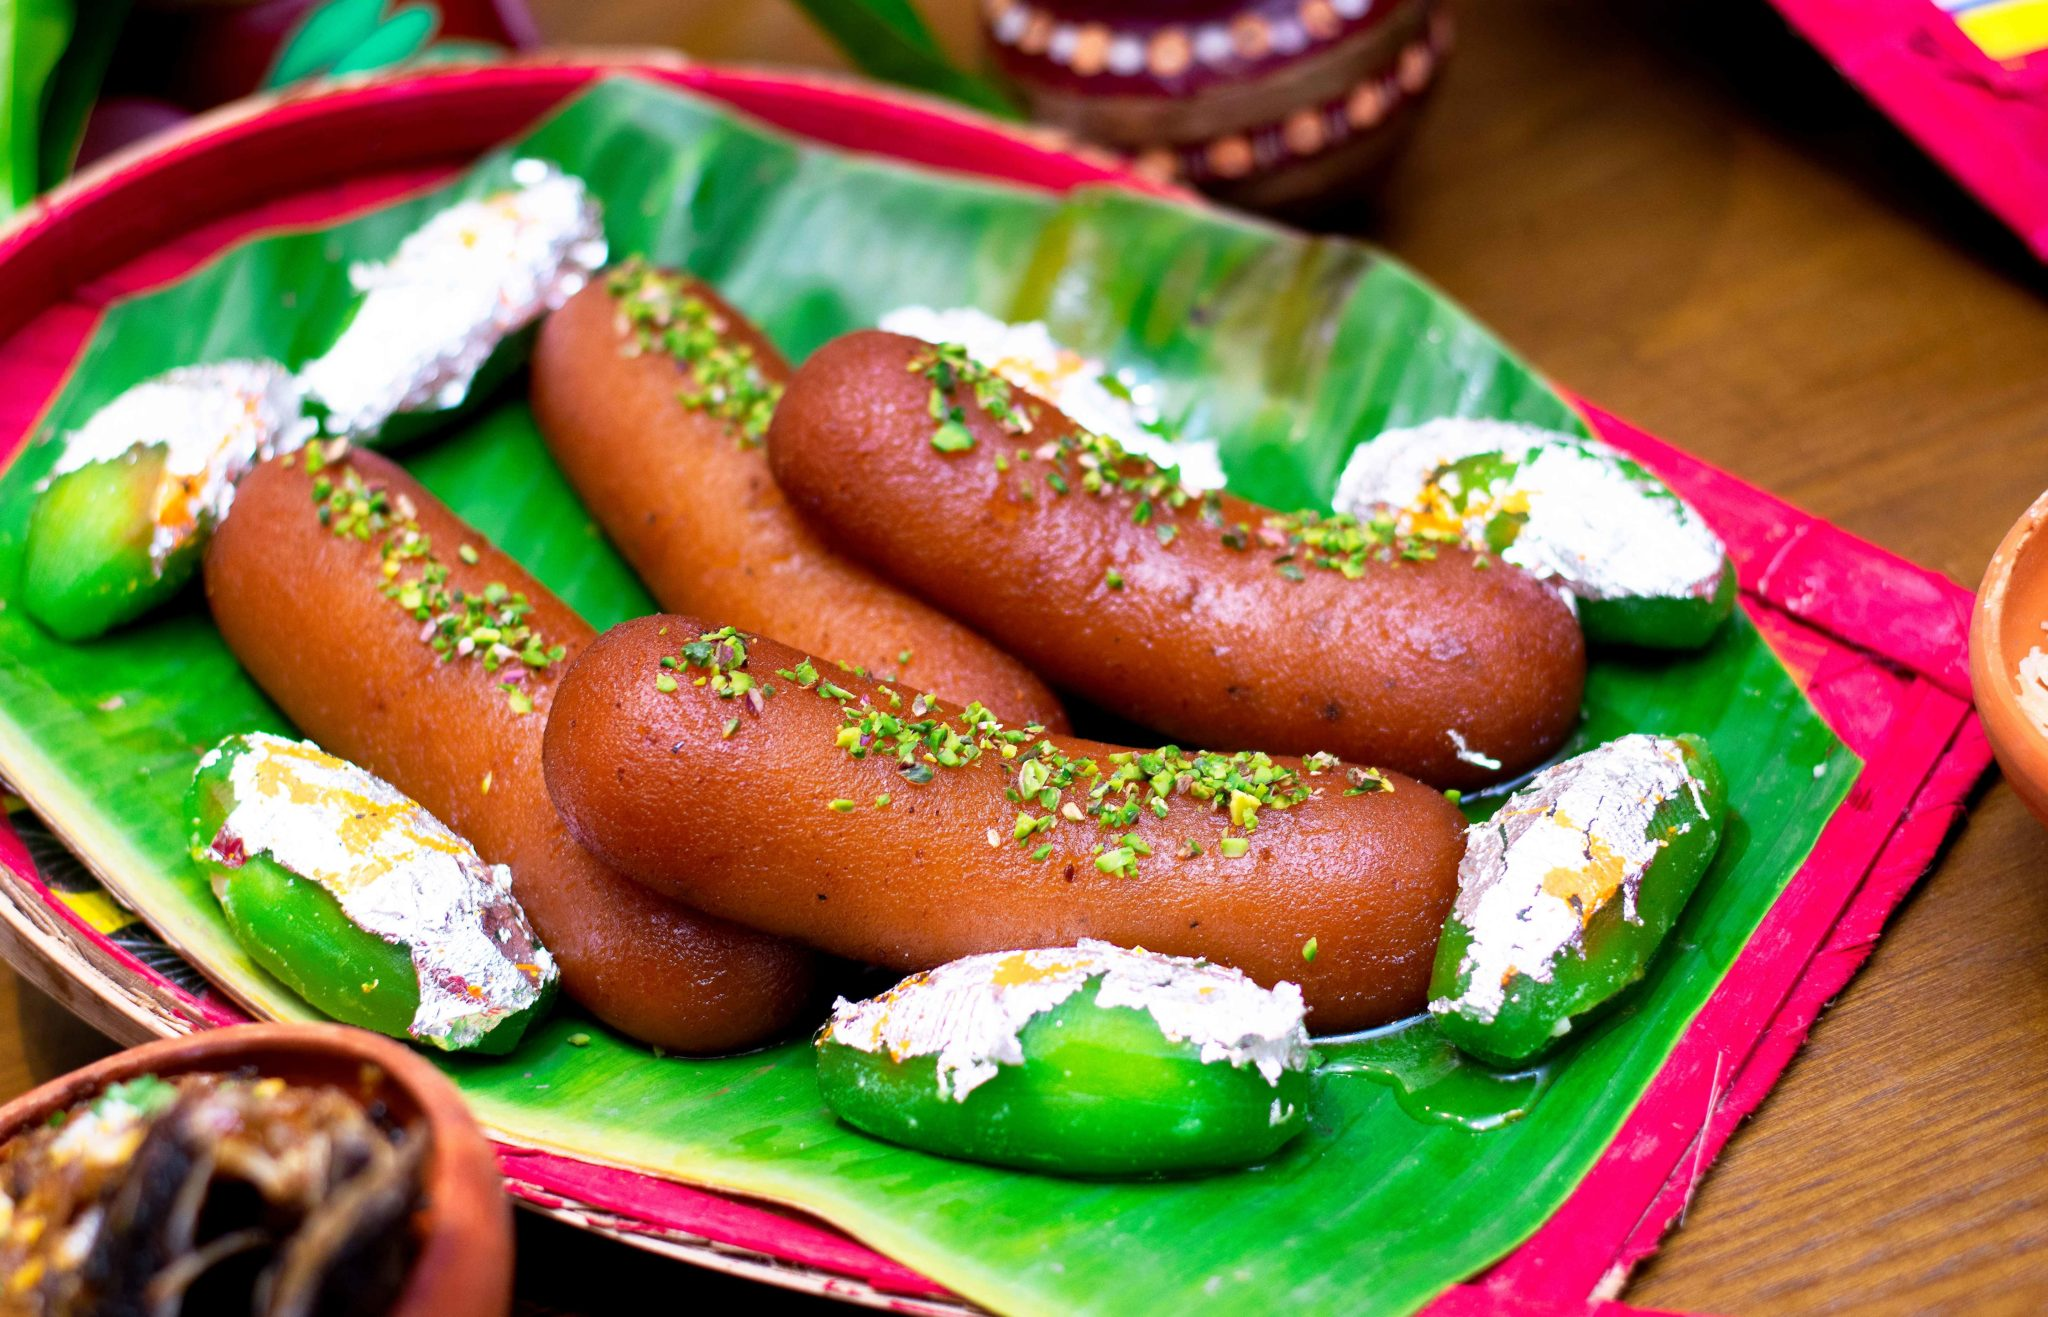 দুর্গাপুজোয় পেটপুজো উৎসব